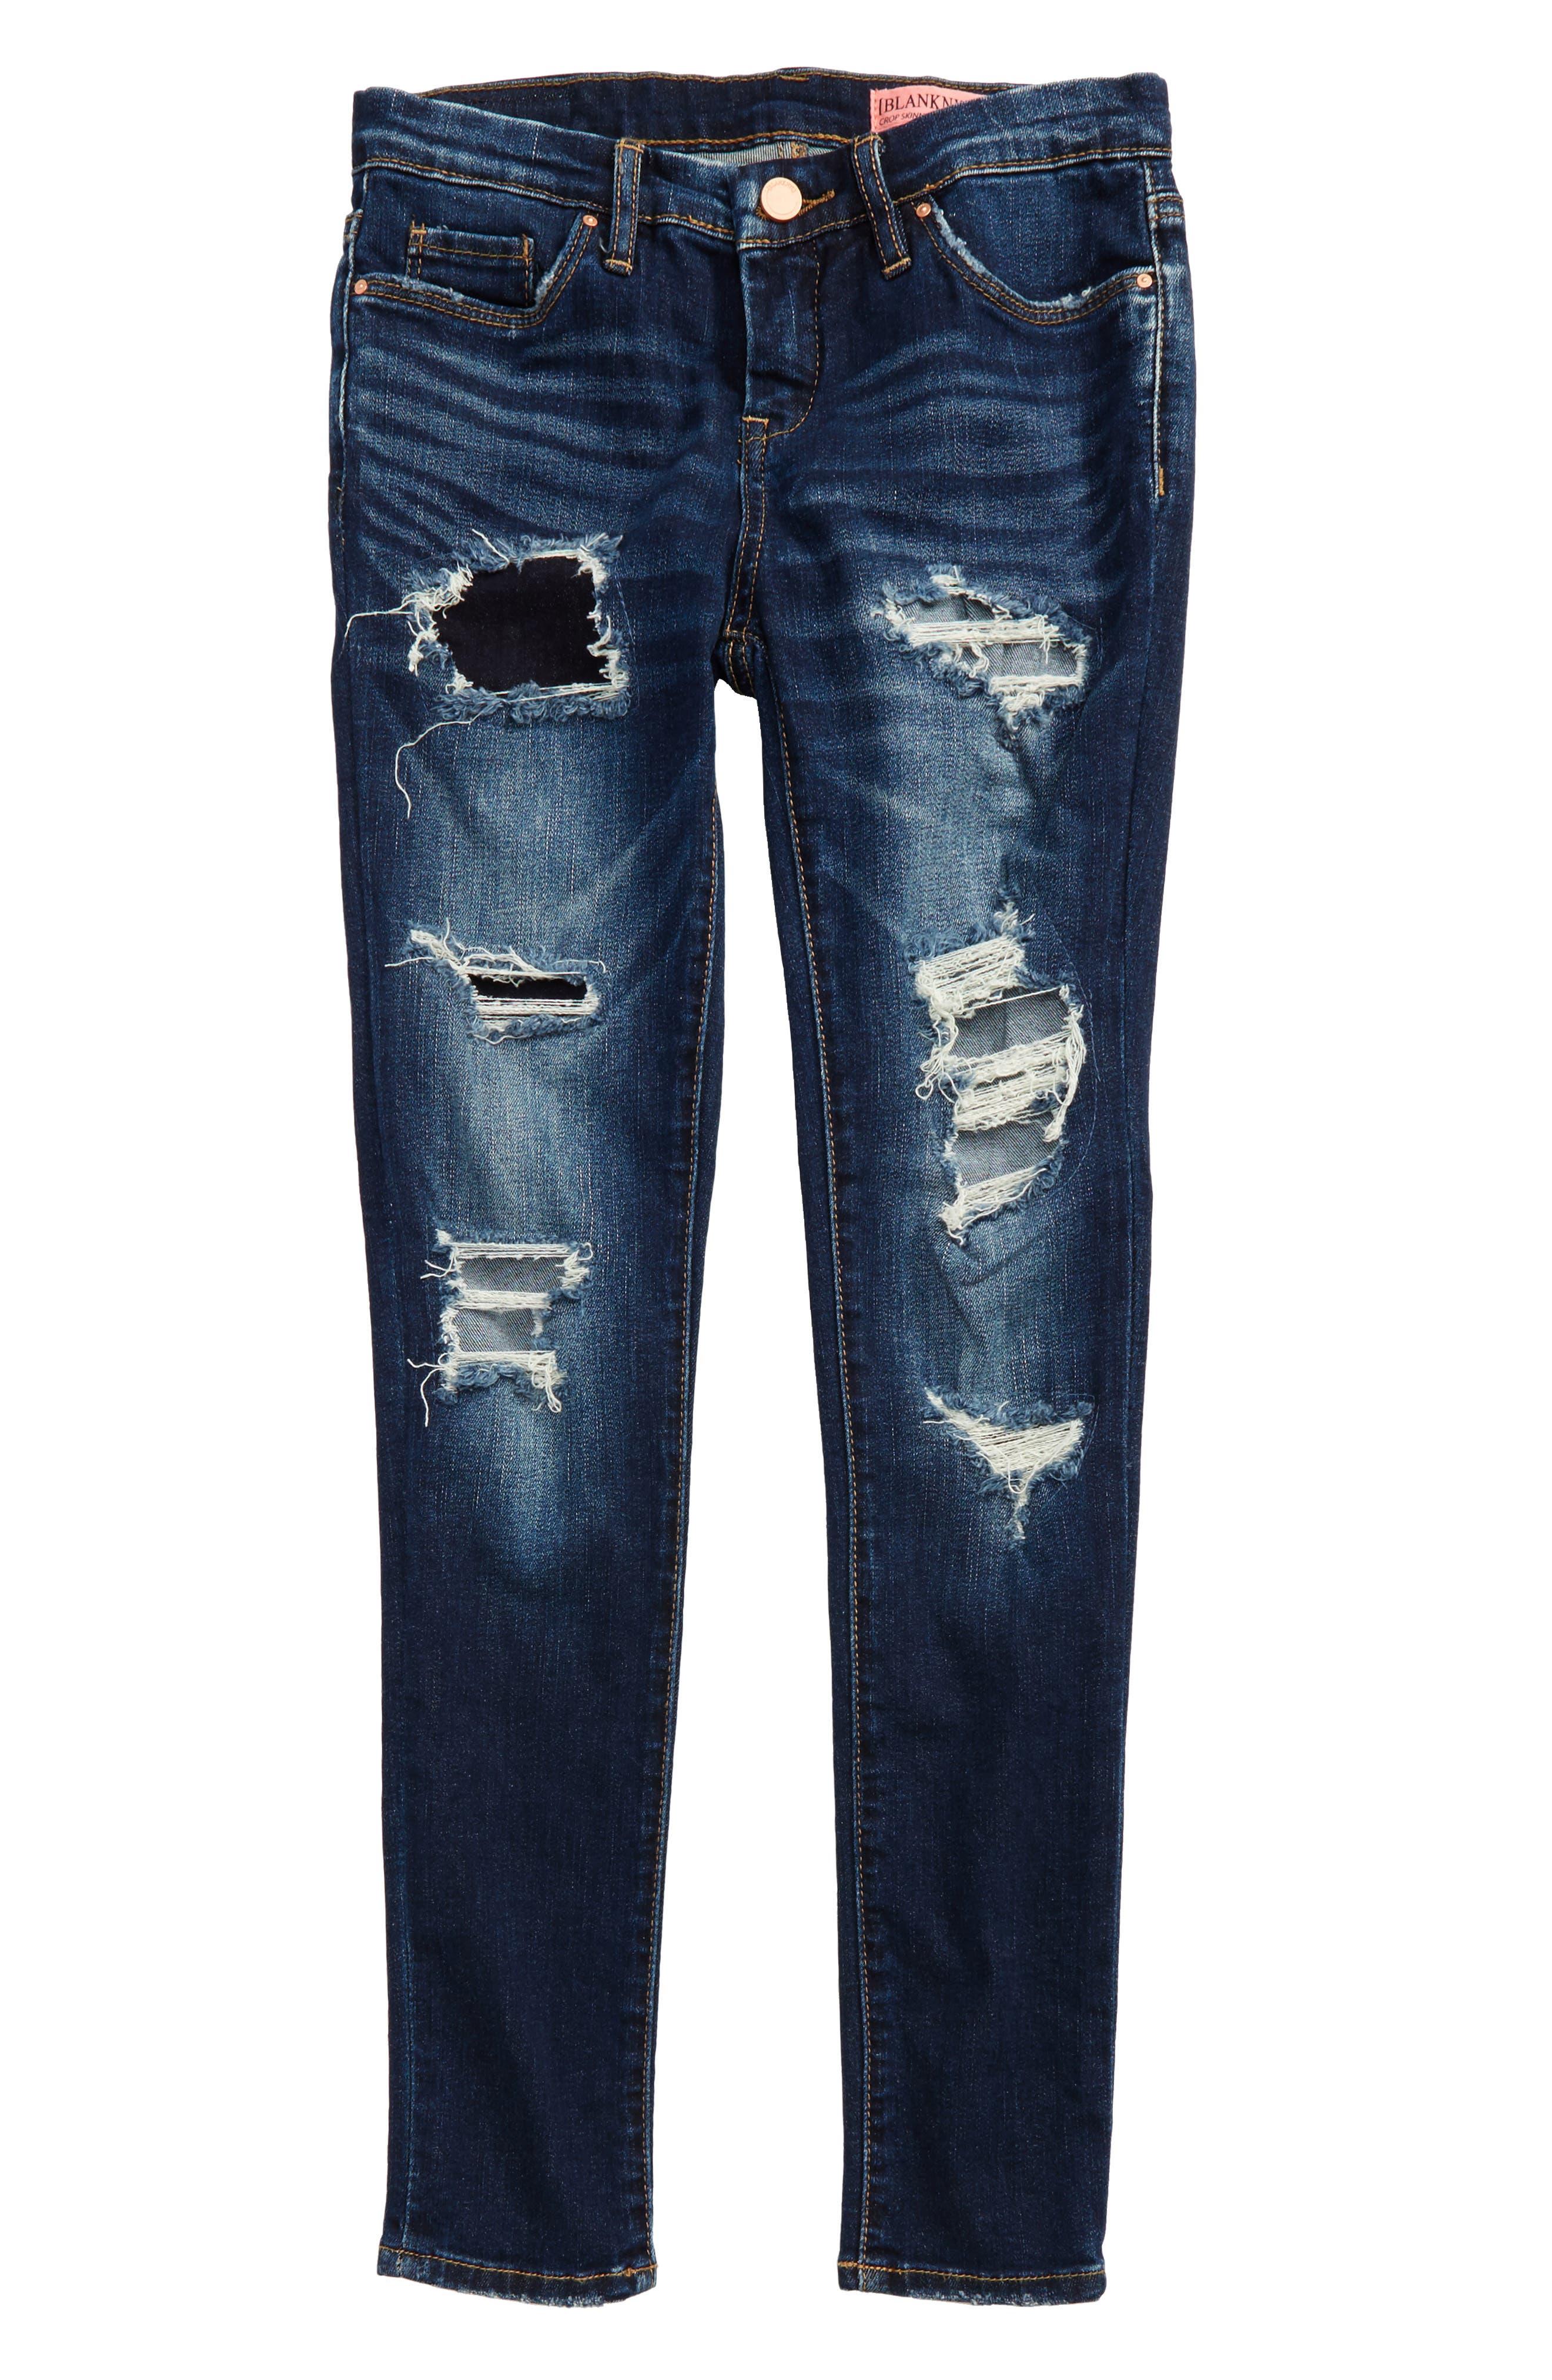 Rip & Repair Skinny Jeans,                         Main,                         color, 400